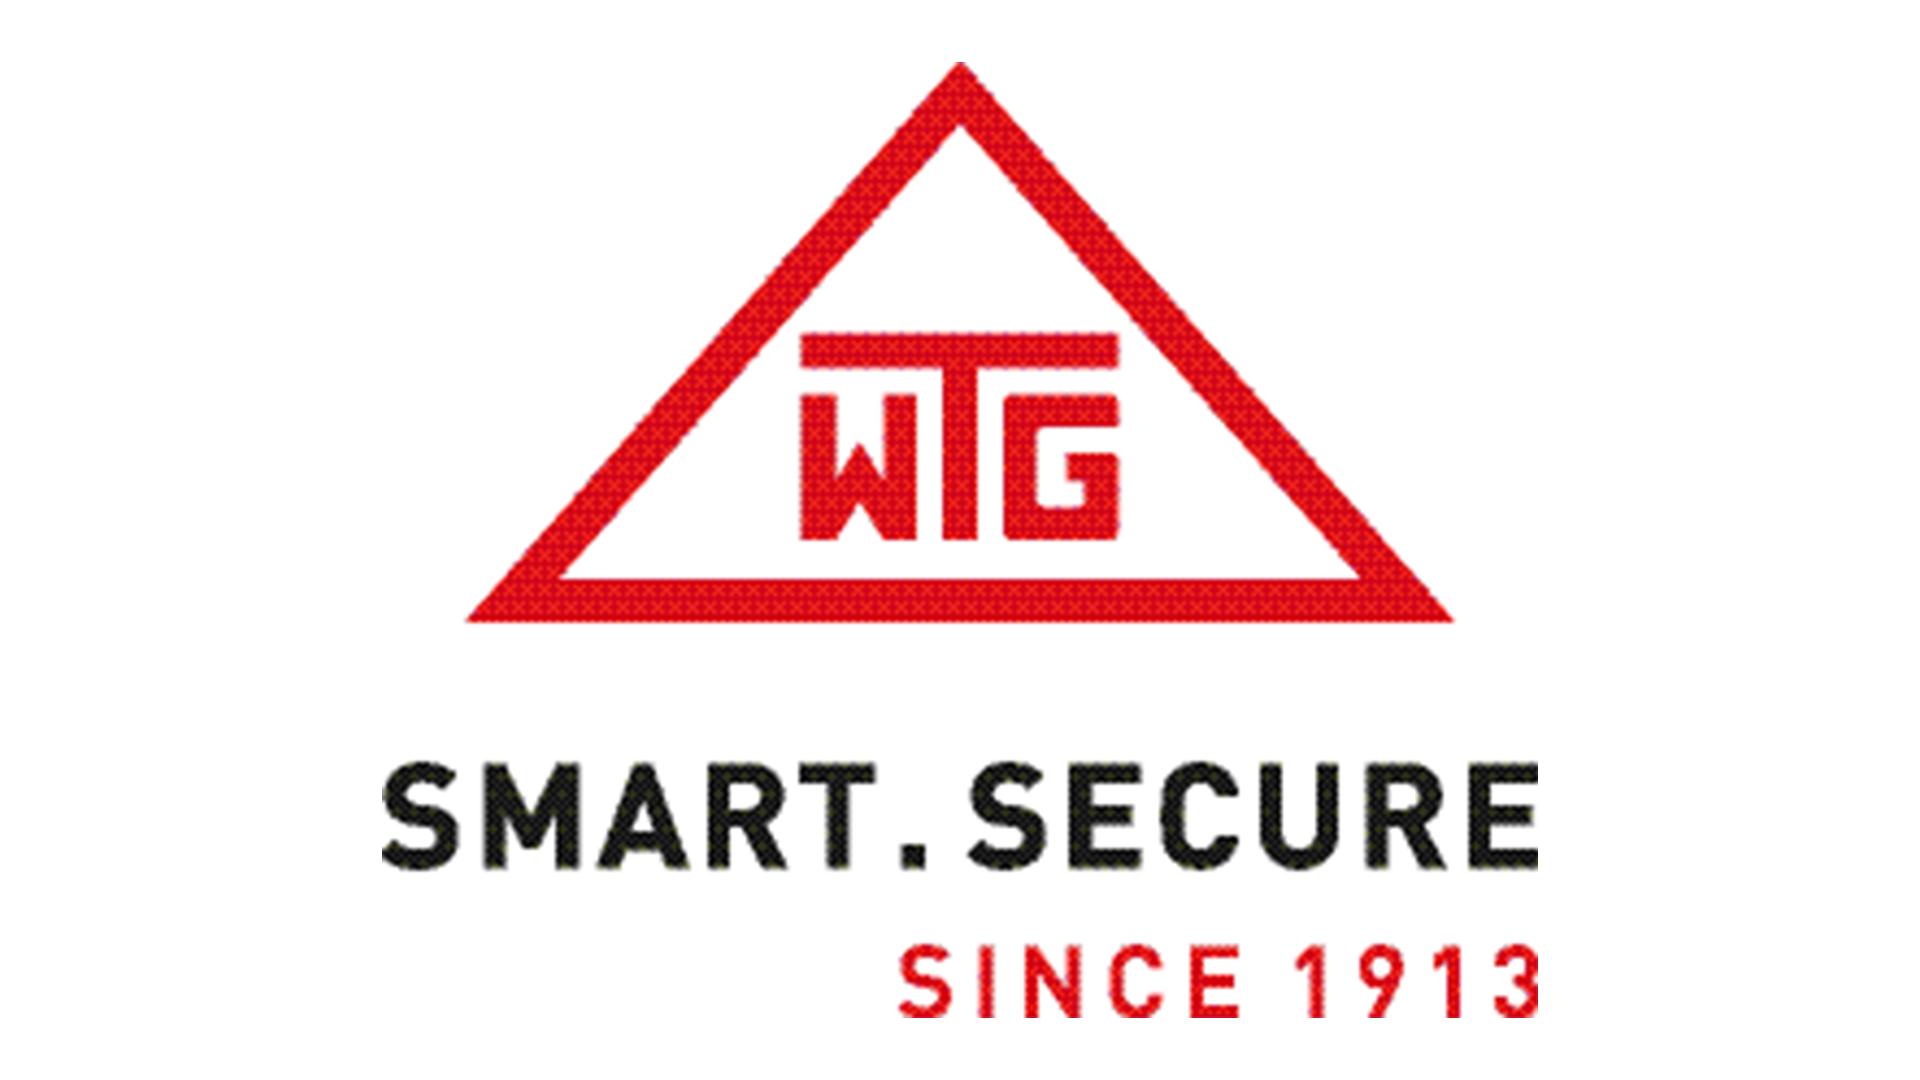 Logo WTG